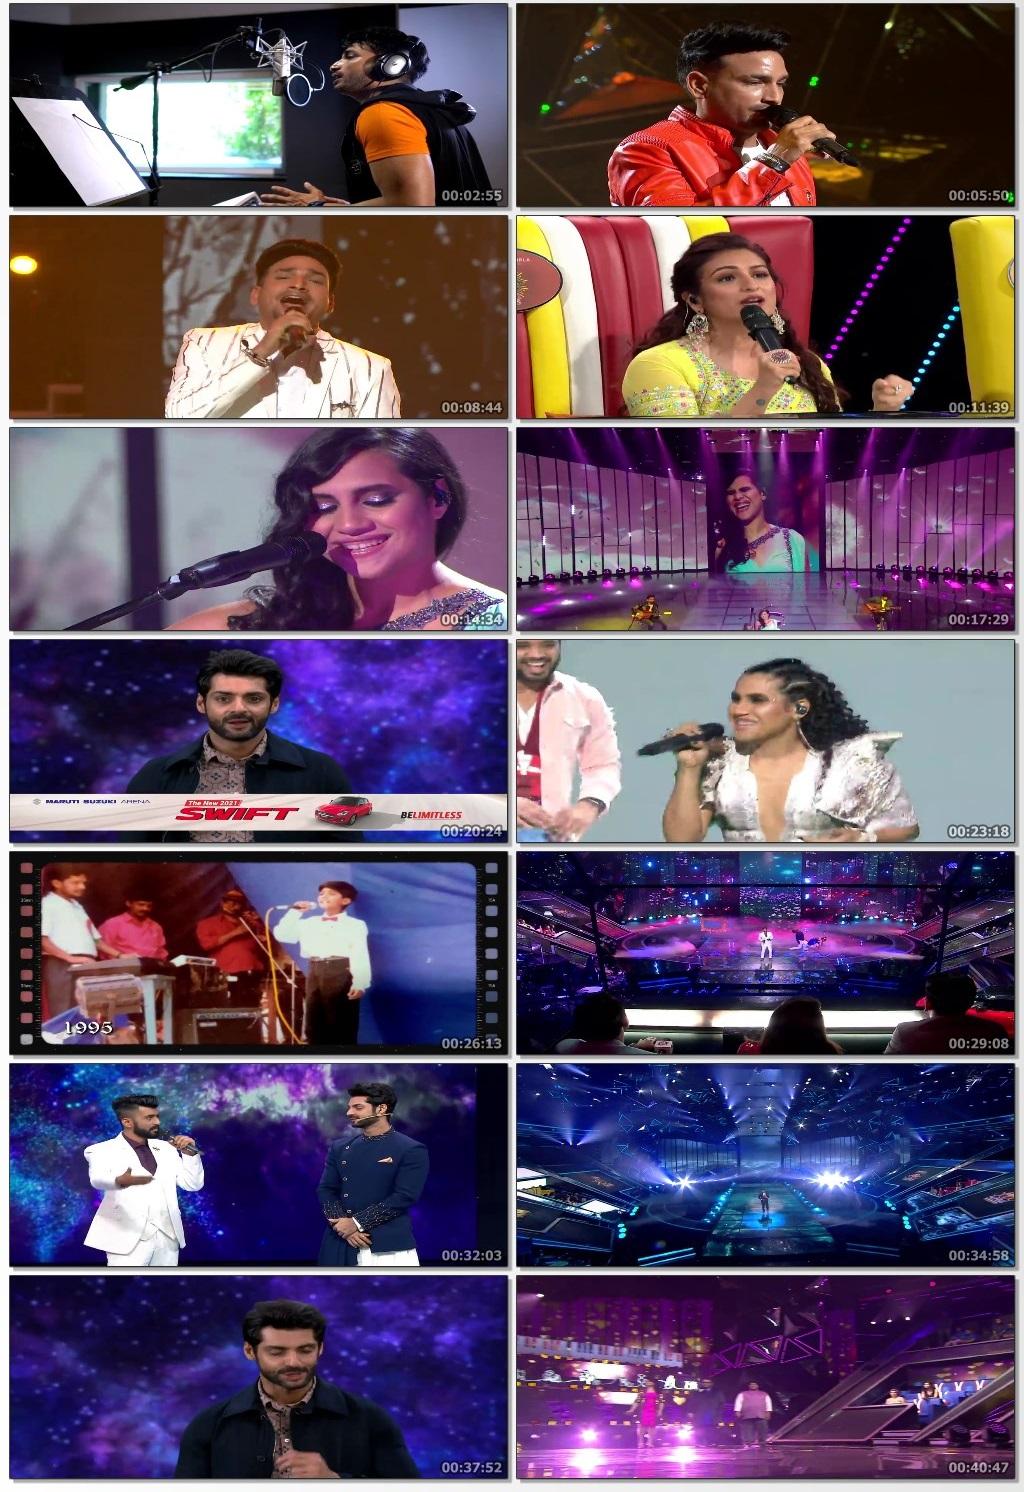 Indian-Pro-Music-League-S01-15-May-2021-www-1kmovies-cyou-Hindi-720p-HDRip-300-MB-mkv-thumbs